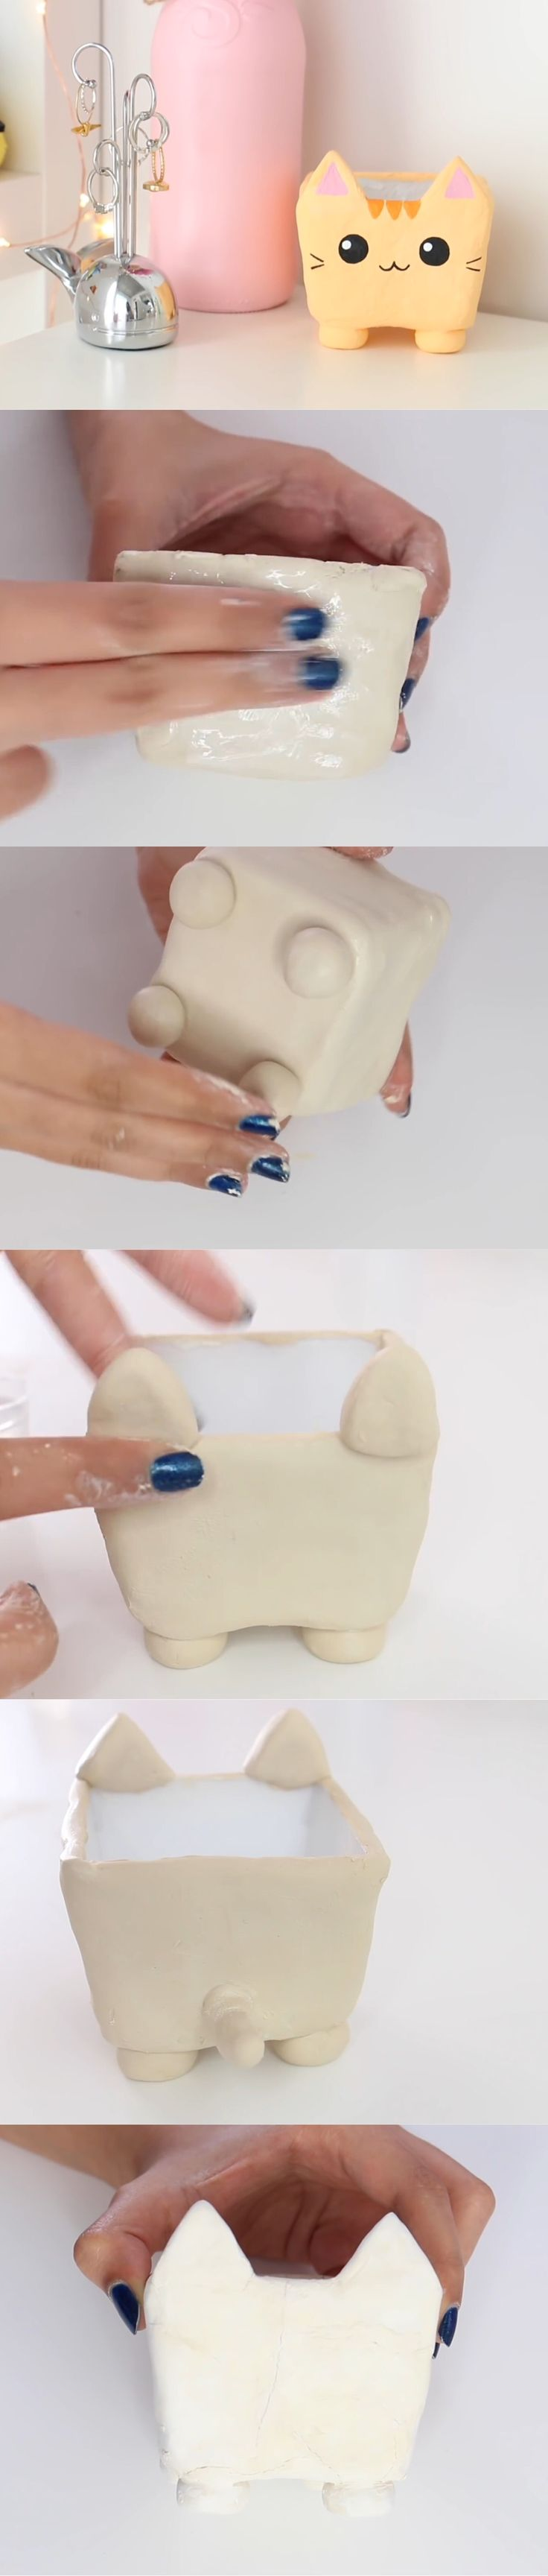 Nim C's clay cat container DIY tutorial part 2. So cute!!!!